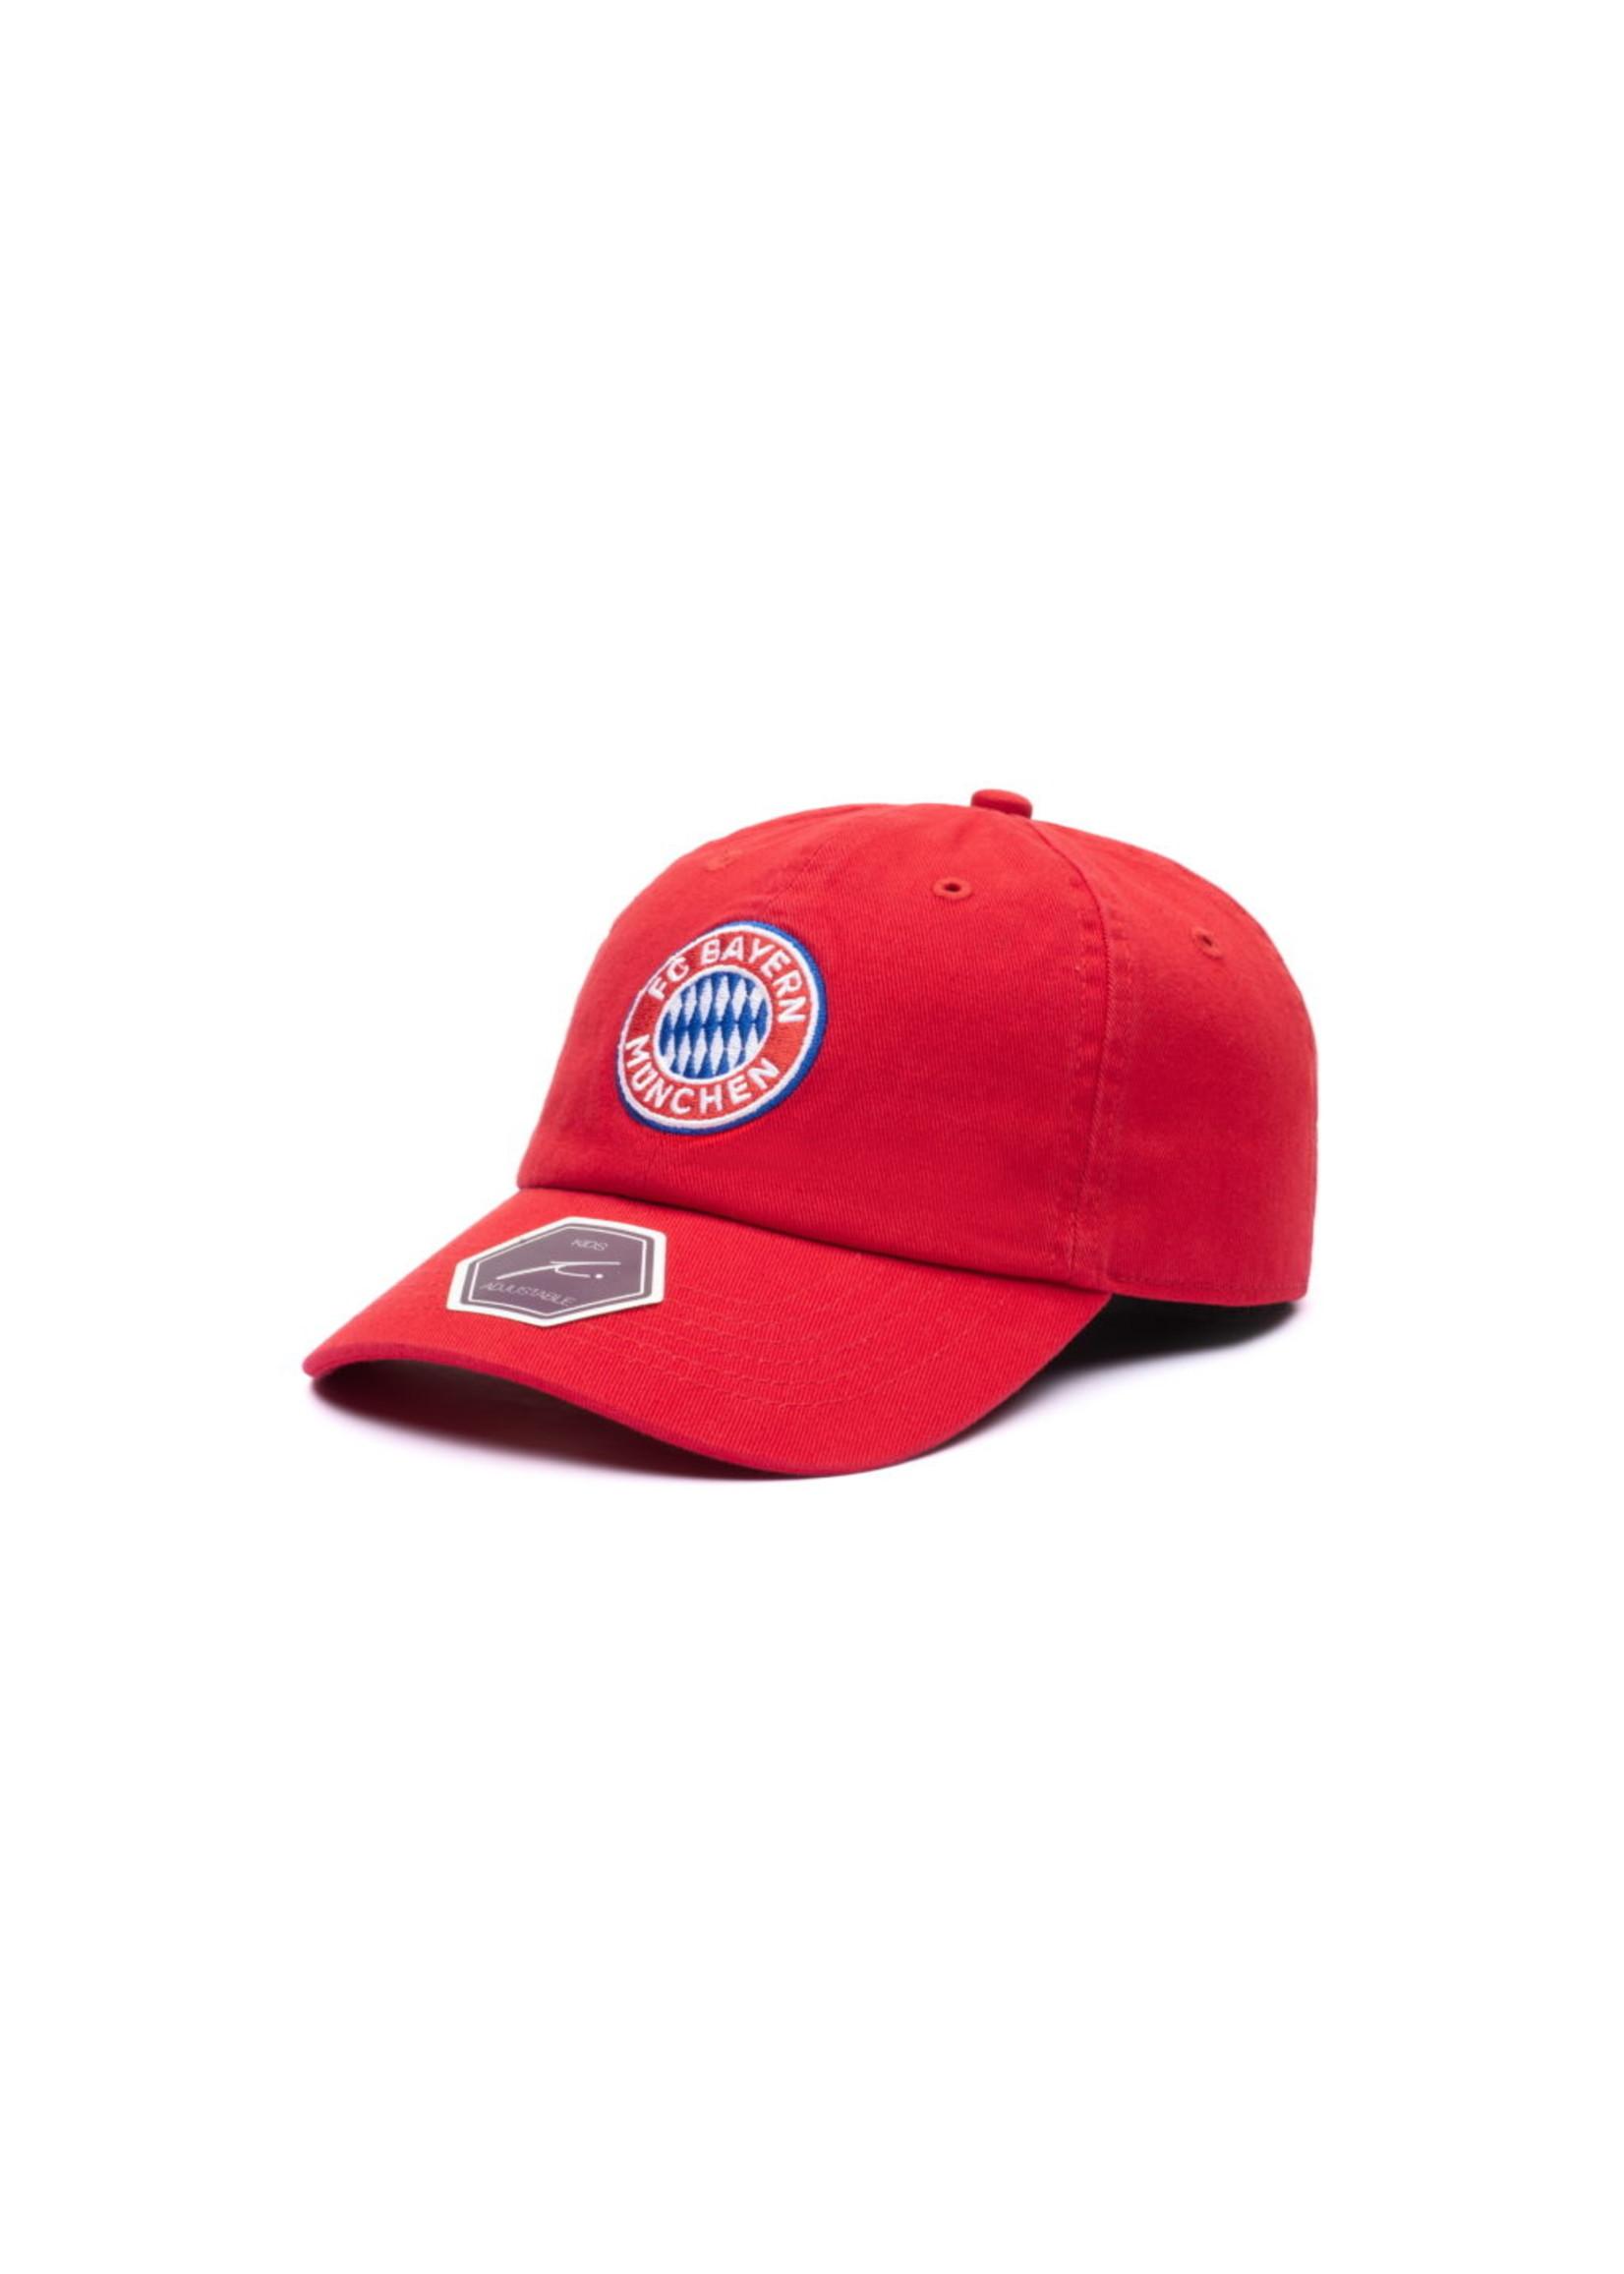 Bayern Munich Youth Classic Hat